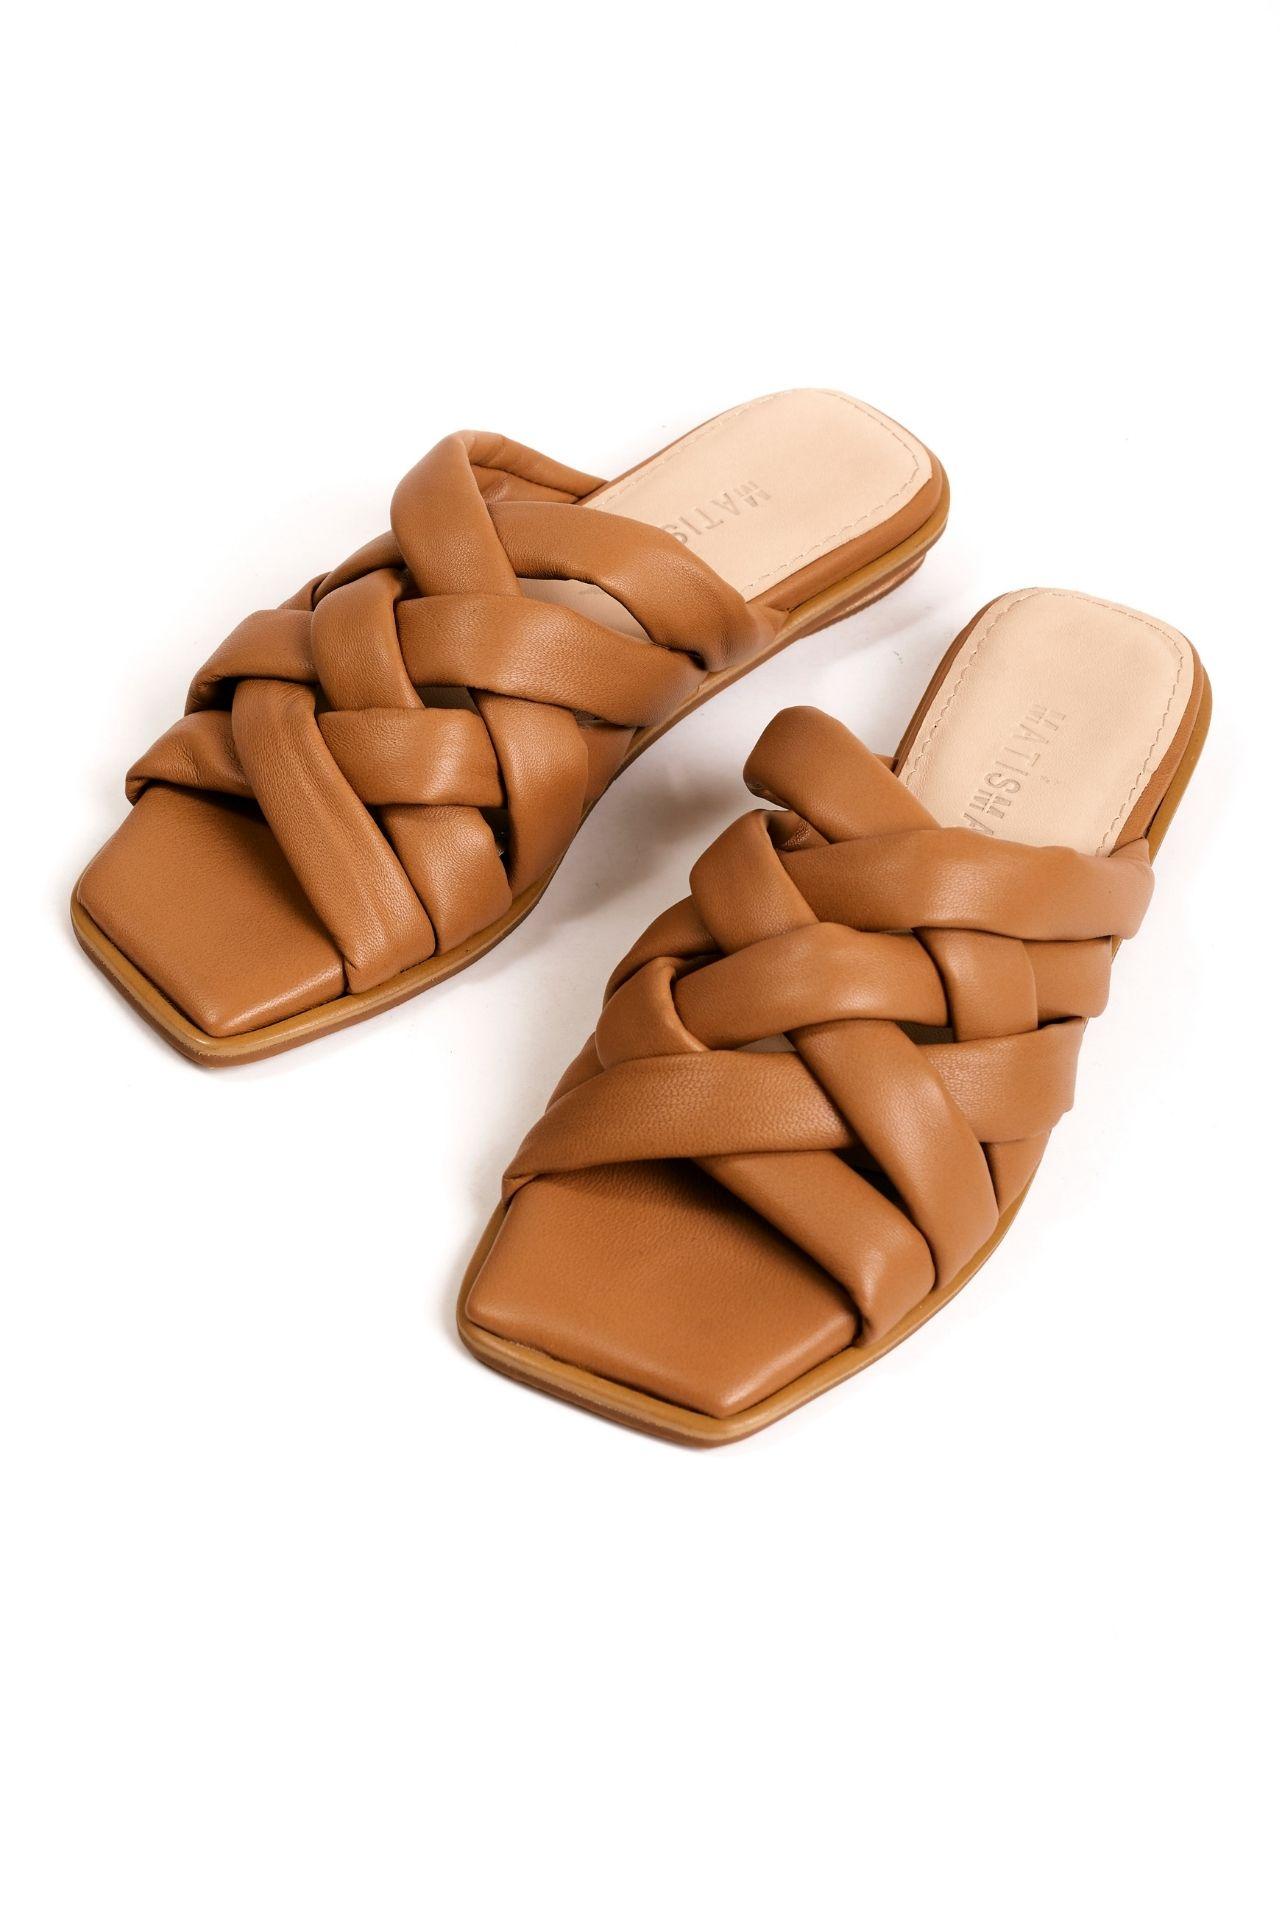 Sandalias de cuero camel con tiras cruzadas. Tiene taco de 1,5cm  CAPELLADA: CUERO NATURAL / FORRO: BADANA NATURAL